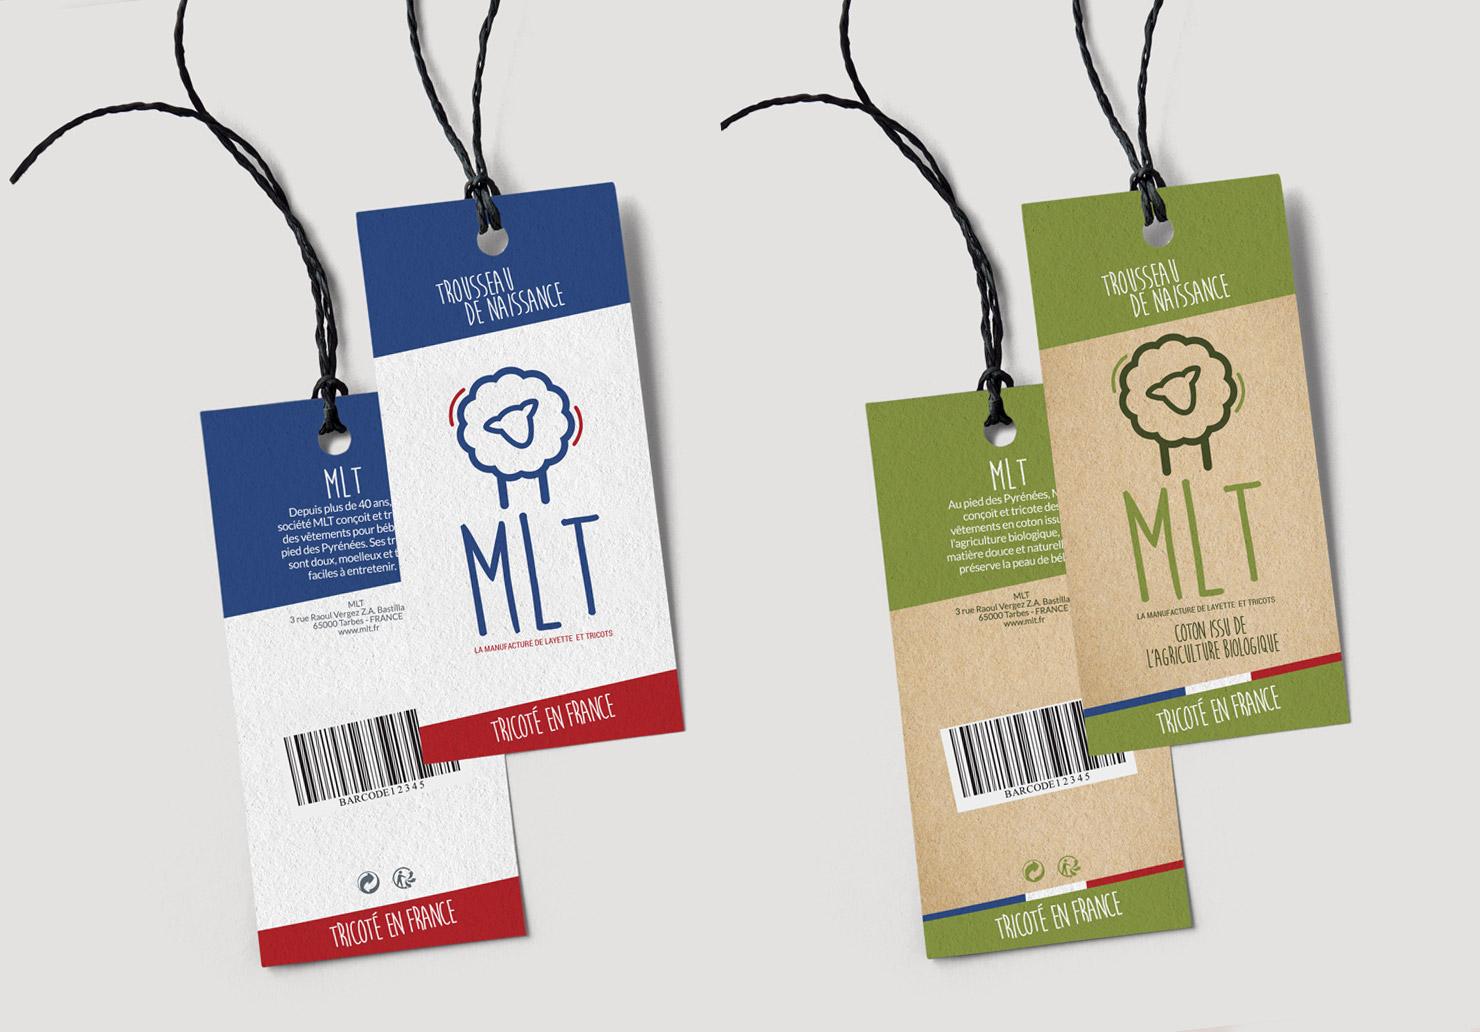 Etiquettes vêtements La Manufacture de Layette - Création d'étiquettes produits par Emilie Le Béhérec, graphiste freelance spécialisée dans le domaine de l'enfance